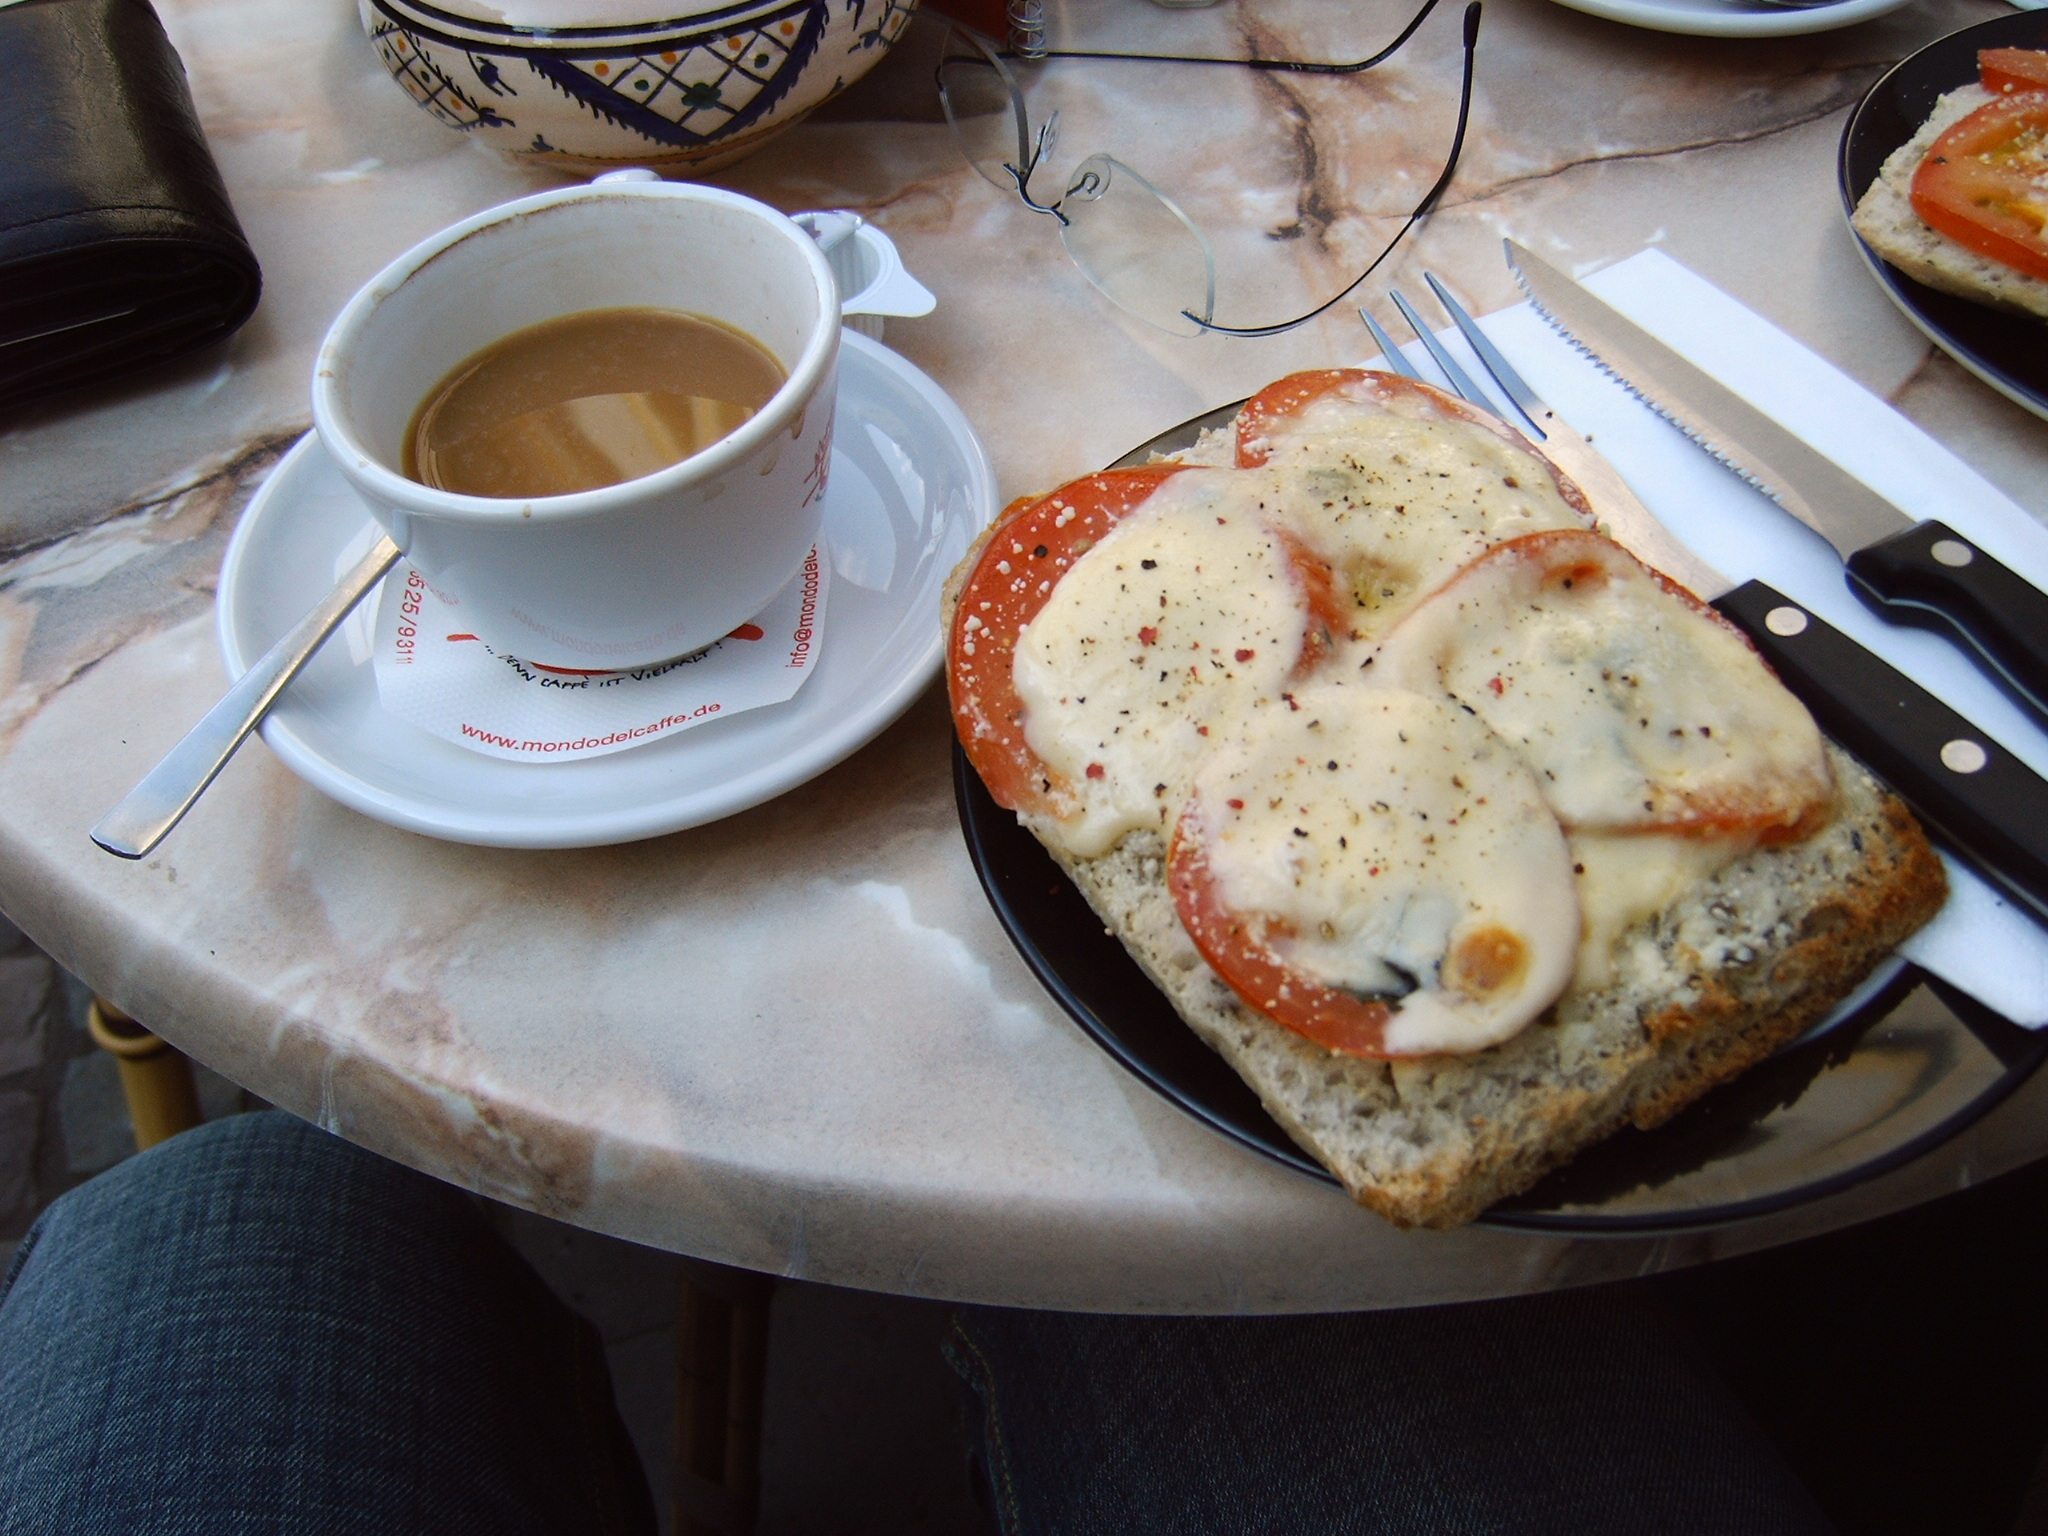 coffee-and-sandwich-1552072.jpg